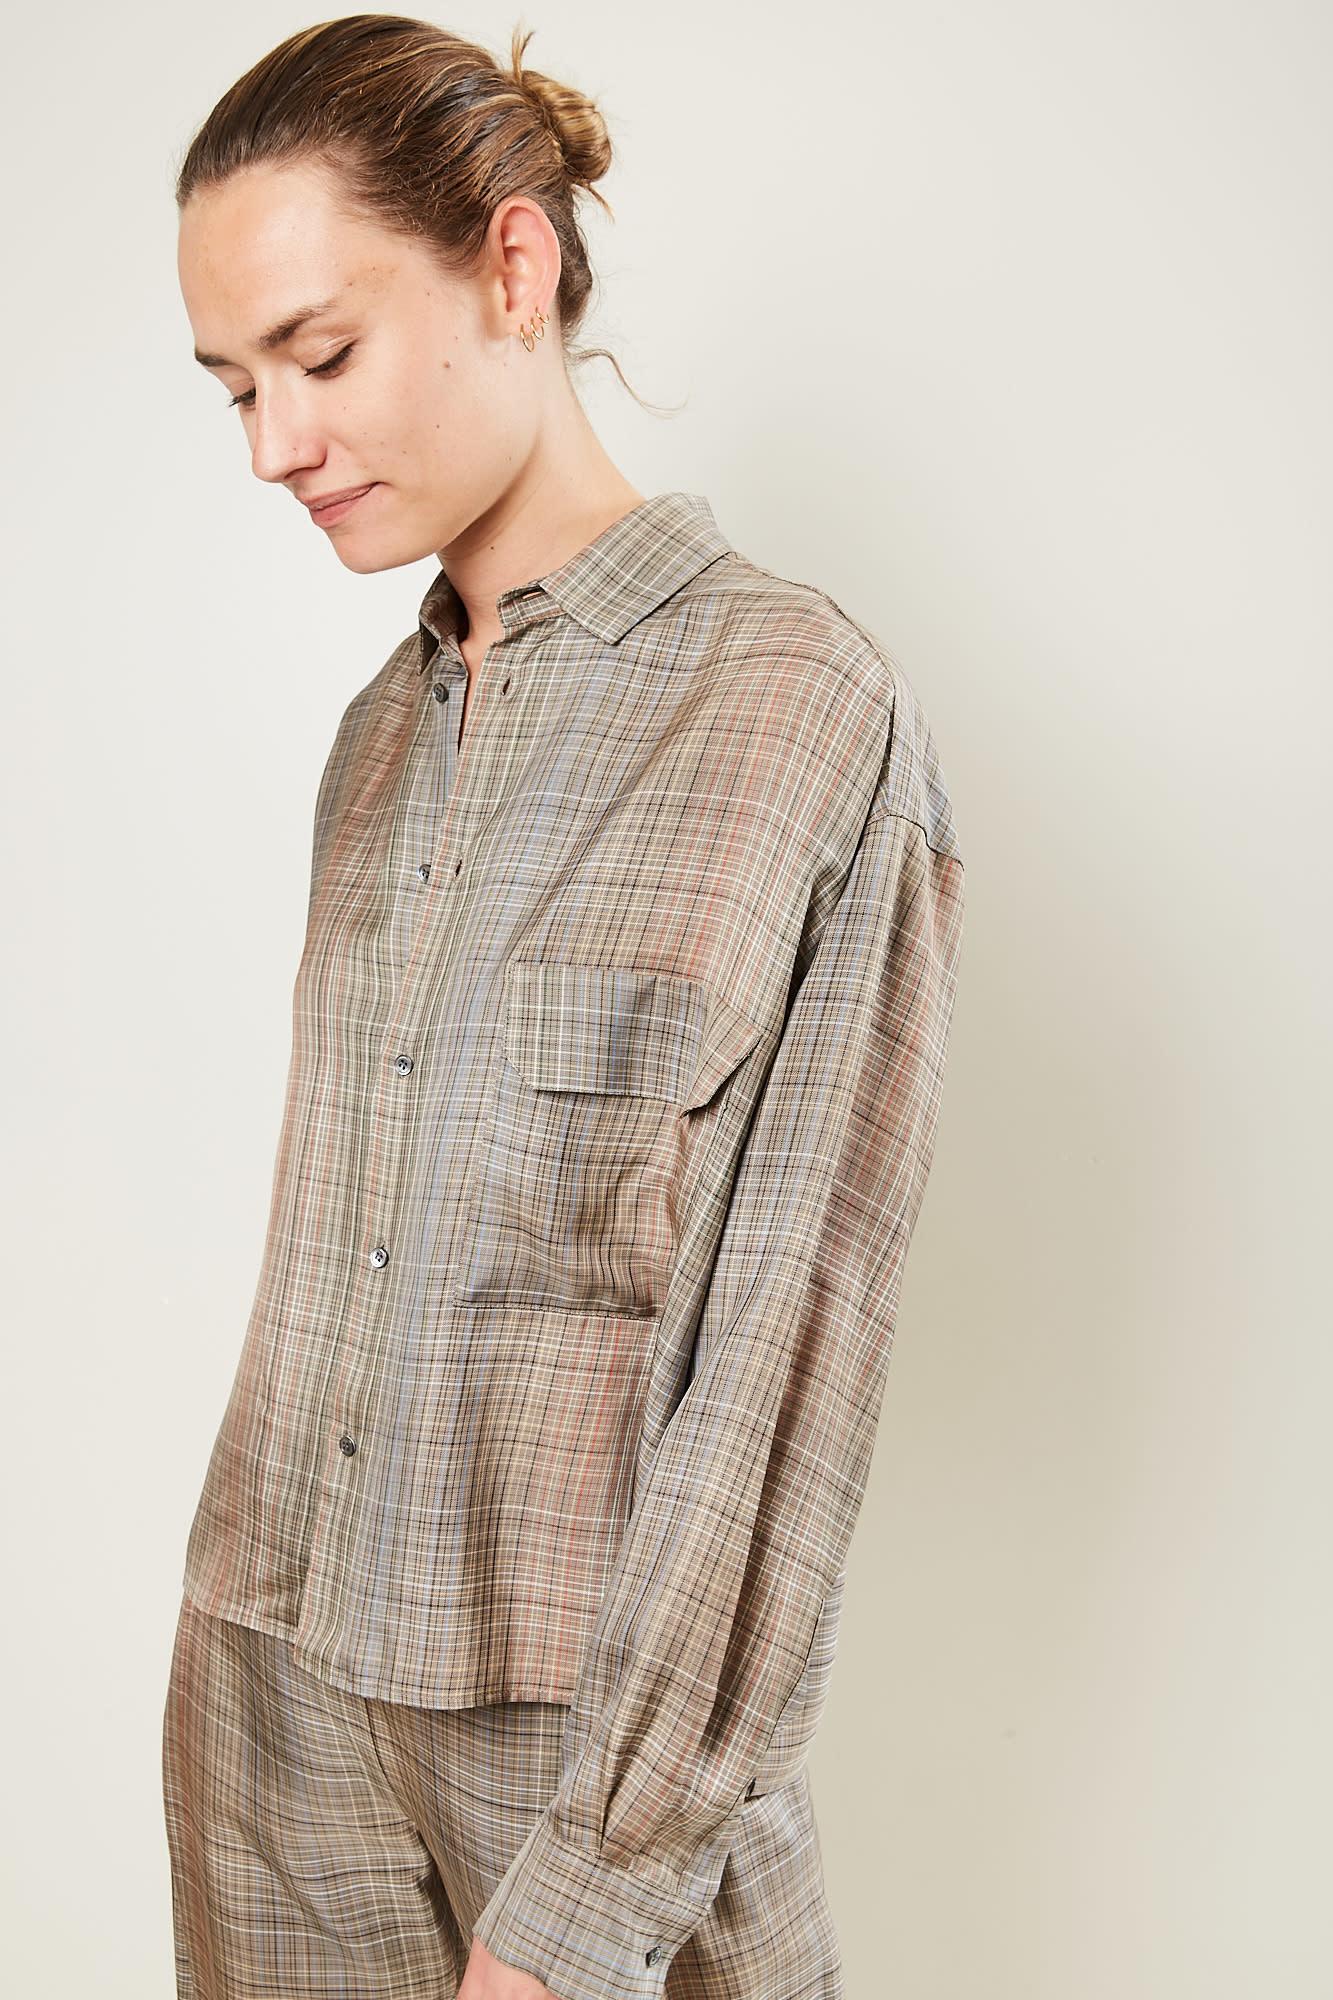 - Conifers shirt 49